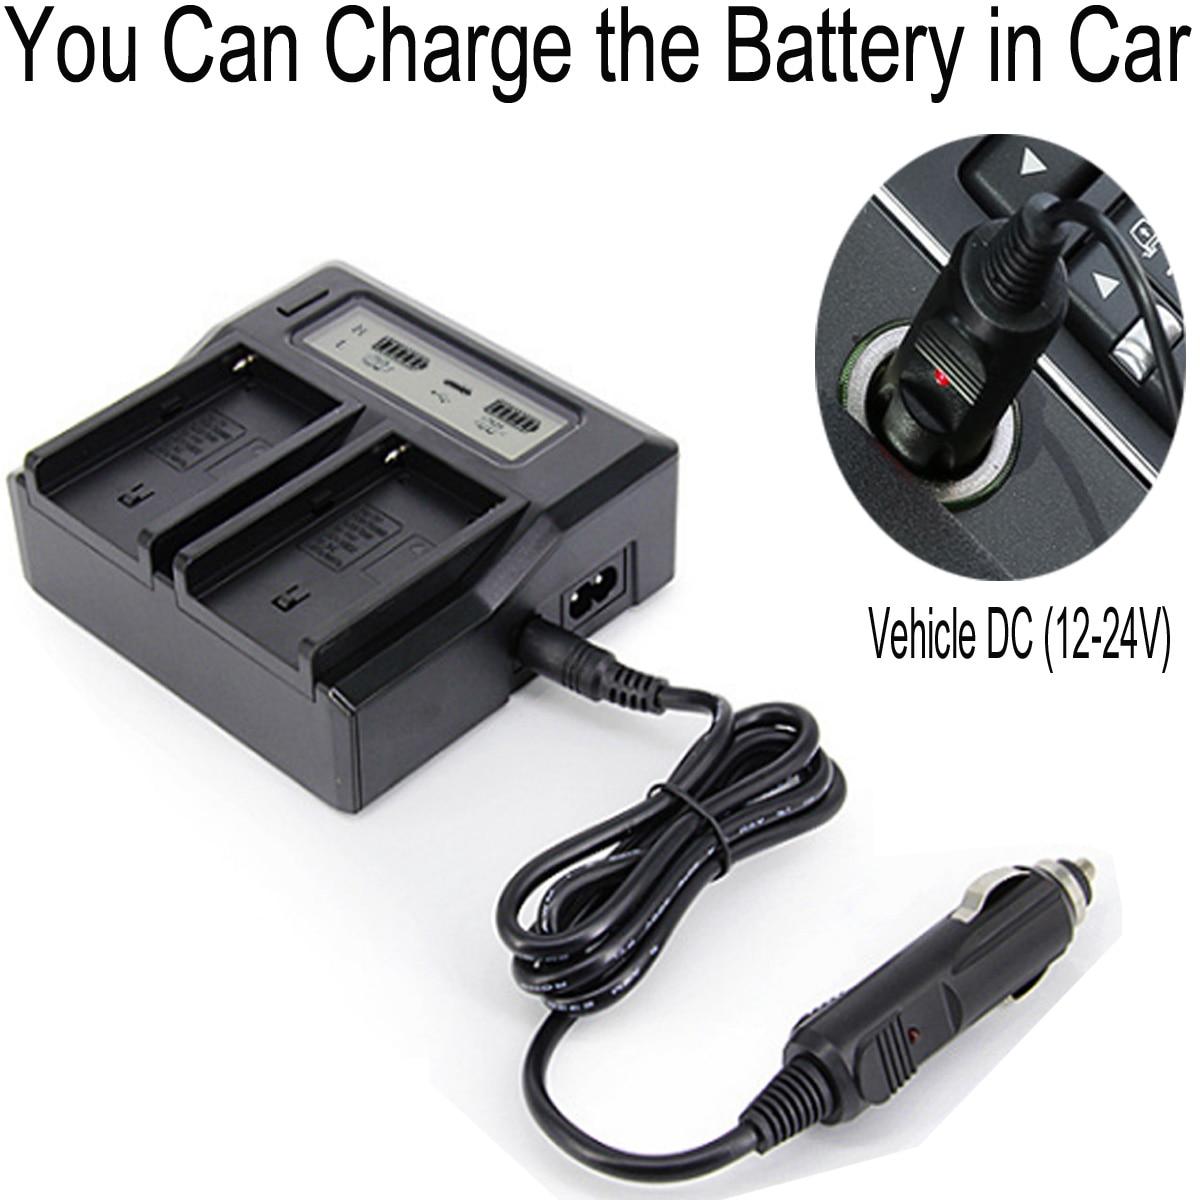 - Battery Charger for Panasonic CGR-D08 /& CGR-D54 Batteries Panasonic AJ-PX270PJ Camcorder Battery Charger CGR-D16 CGR-D28 110//220v with Car /& EU adapters